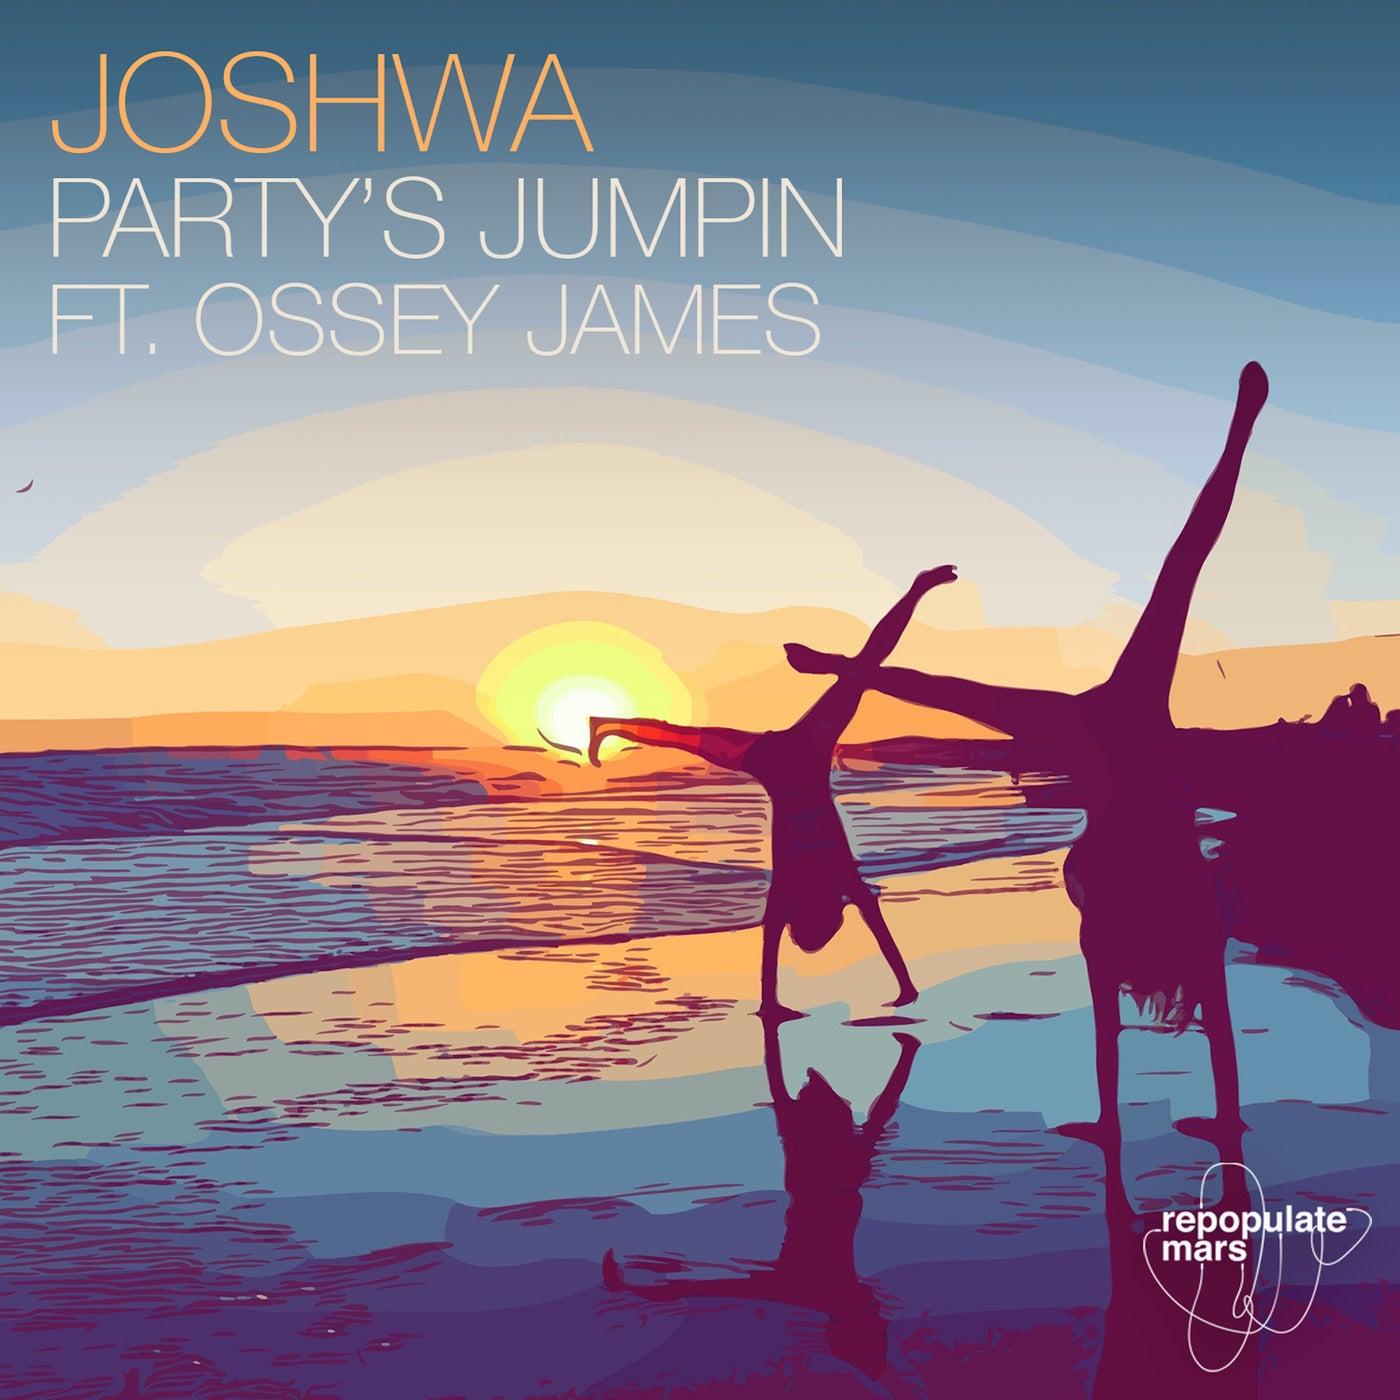 Party's Jumpin feat. Ossey James (Original Mix)